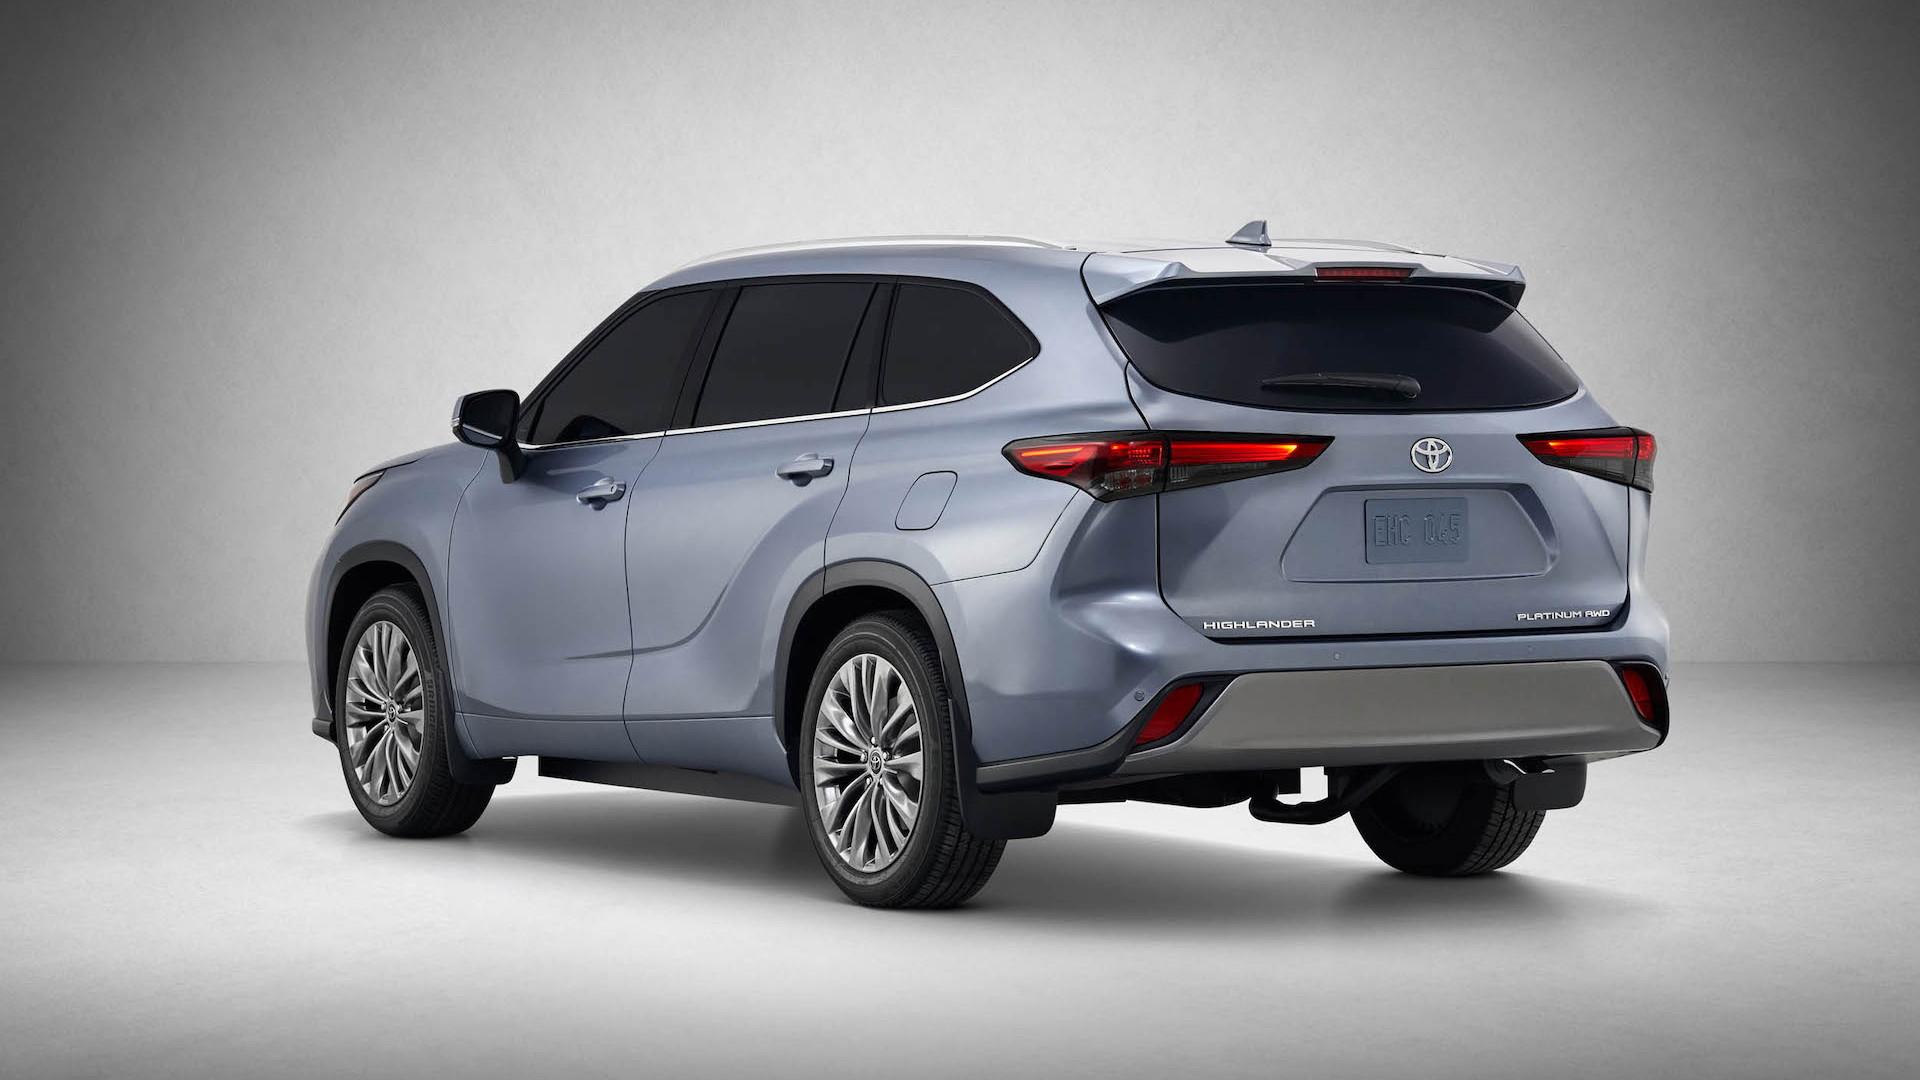 2020 Toyota Highlander Hybrid Arrives Promises 34 Mpg Combined